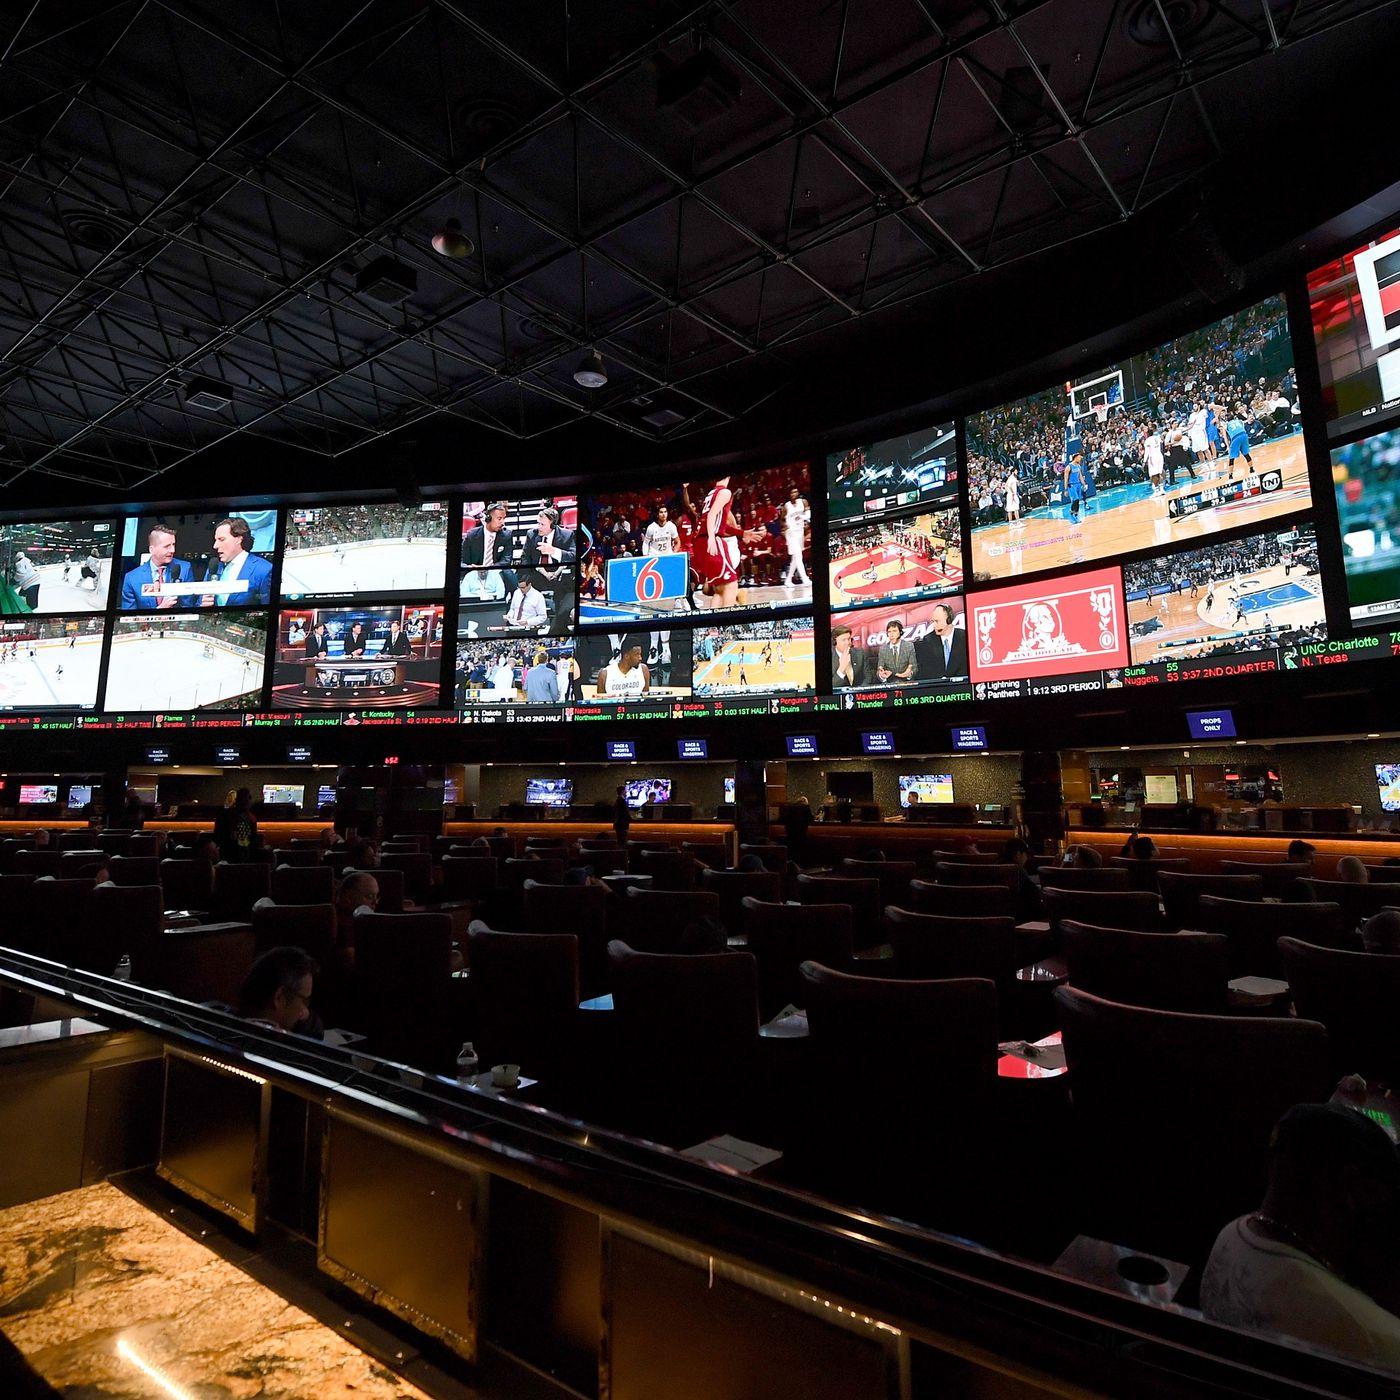 Casino slot spiele kostenlos pms